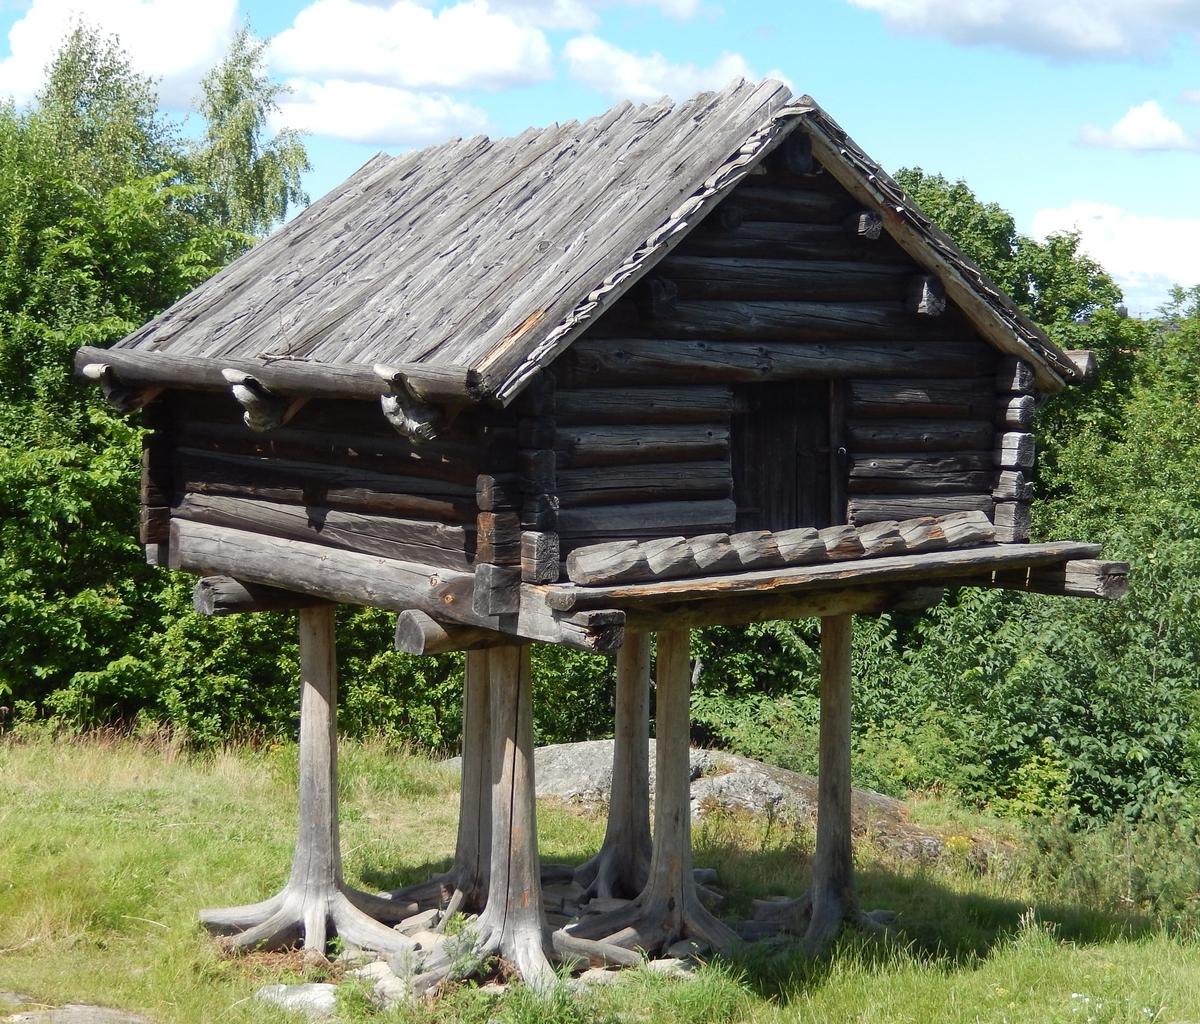 Stolpboden i Saemien sïjte är knuttimrad och bärs upp av ett stolpunderrede av sex ganska höga stubbar vars rotben har kvarlämnats, så att byggnaden står på ett slags fågelfötter. Stolpboden har ett sadeltak som har granbark och näver som tätskikt samt takved. Ovanför dörren på insidan finns årtalet 1886 inristat.  Stolpboden kommer ursprungligen från ett viste vid Oldfjället i nuvarande Njaarke samebys område i Nordvästra Jämtland, men flyttades till Skansen 1915.